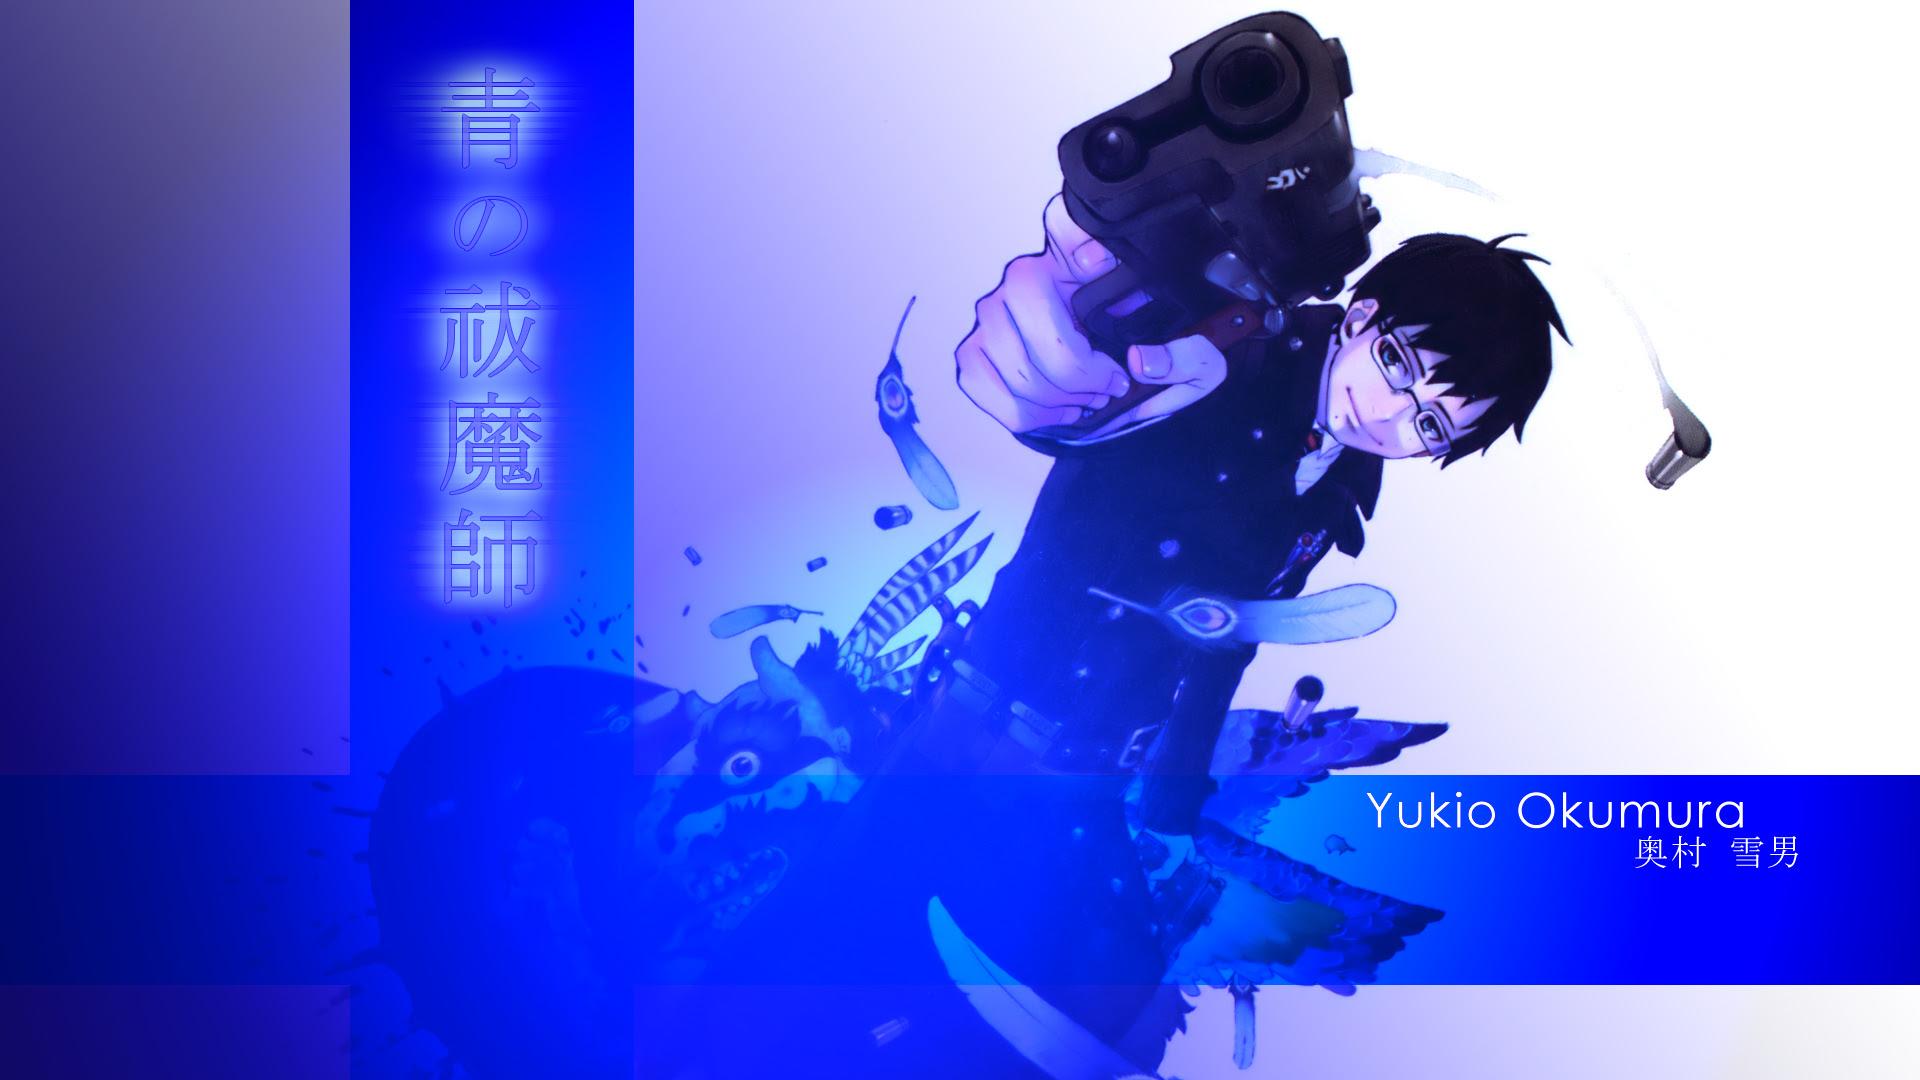 09 青の祓魔師壁紙 1920 1080 Psp Iphone 4 Xperia カベガミヤ2011